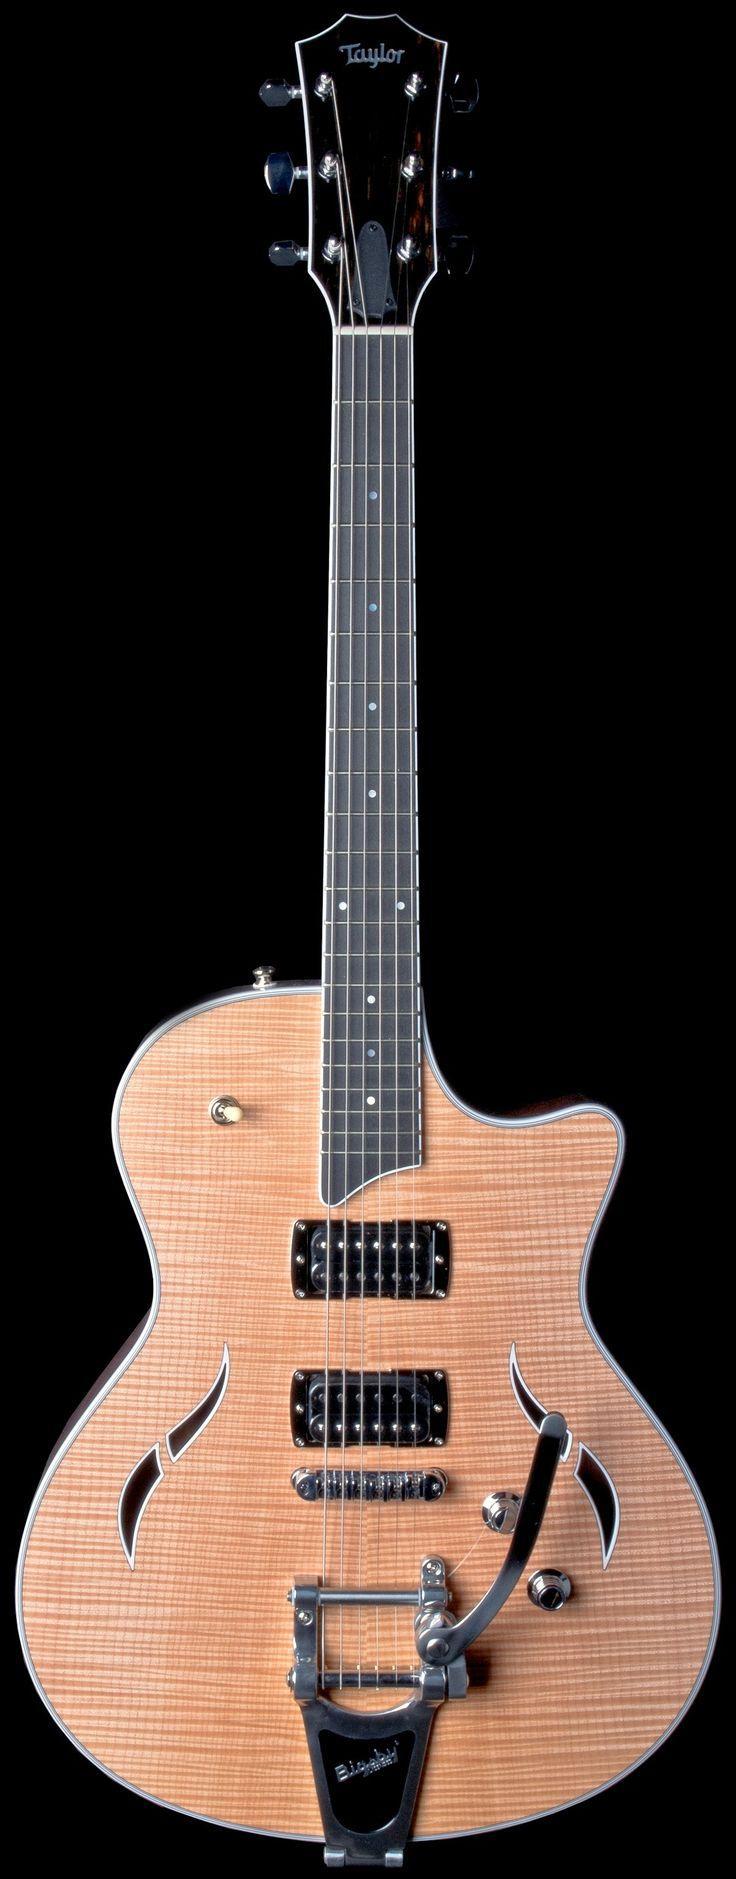 classical guitar research paper K&t guitar research, san mateo, rizal 996 likes guitar repair / service center.